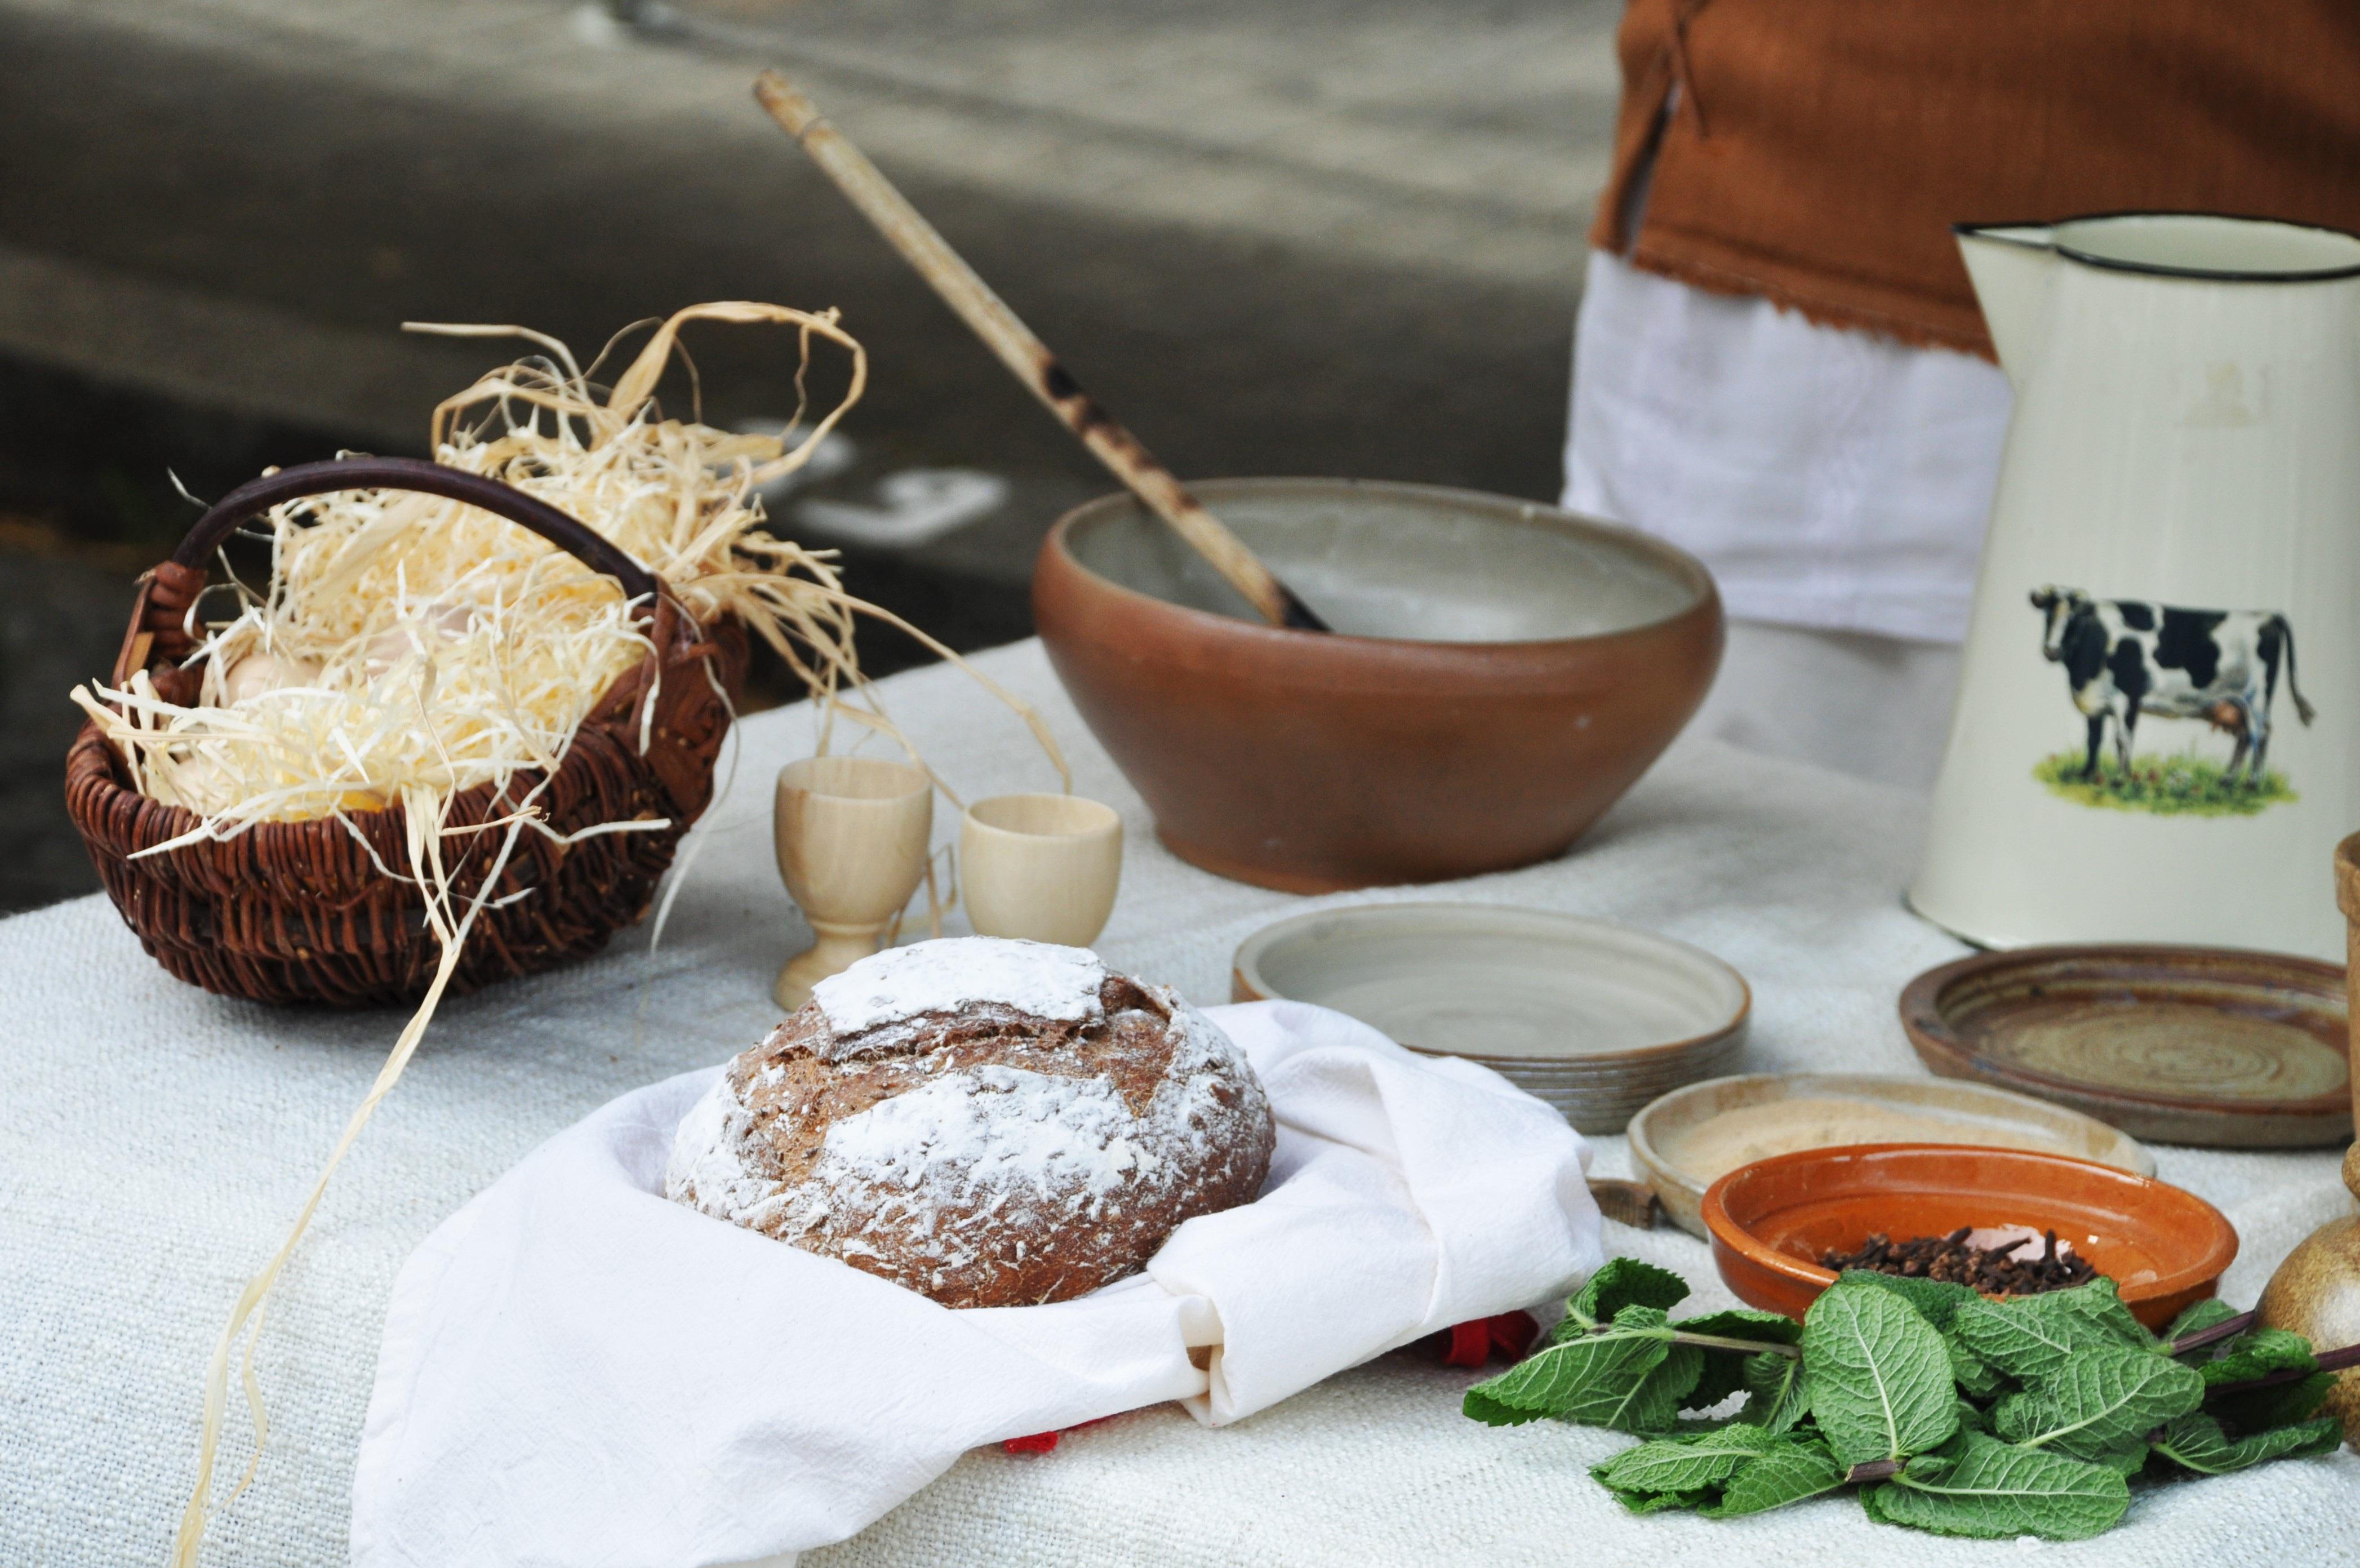 Préférence Images Gratuites : ferme, thé, France, plat, repas, aliments  RZ43